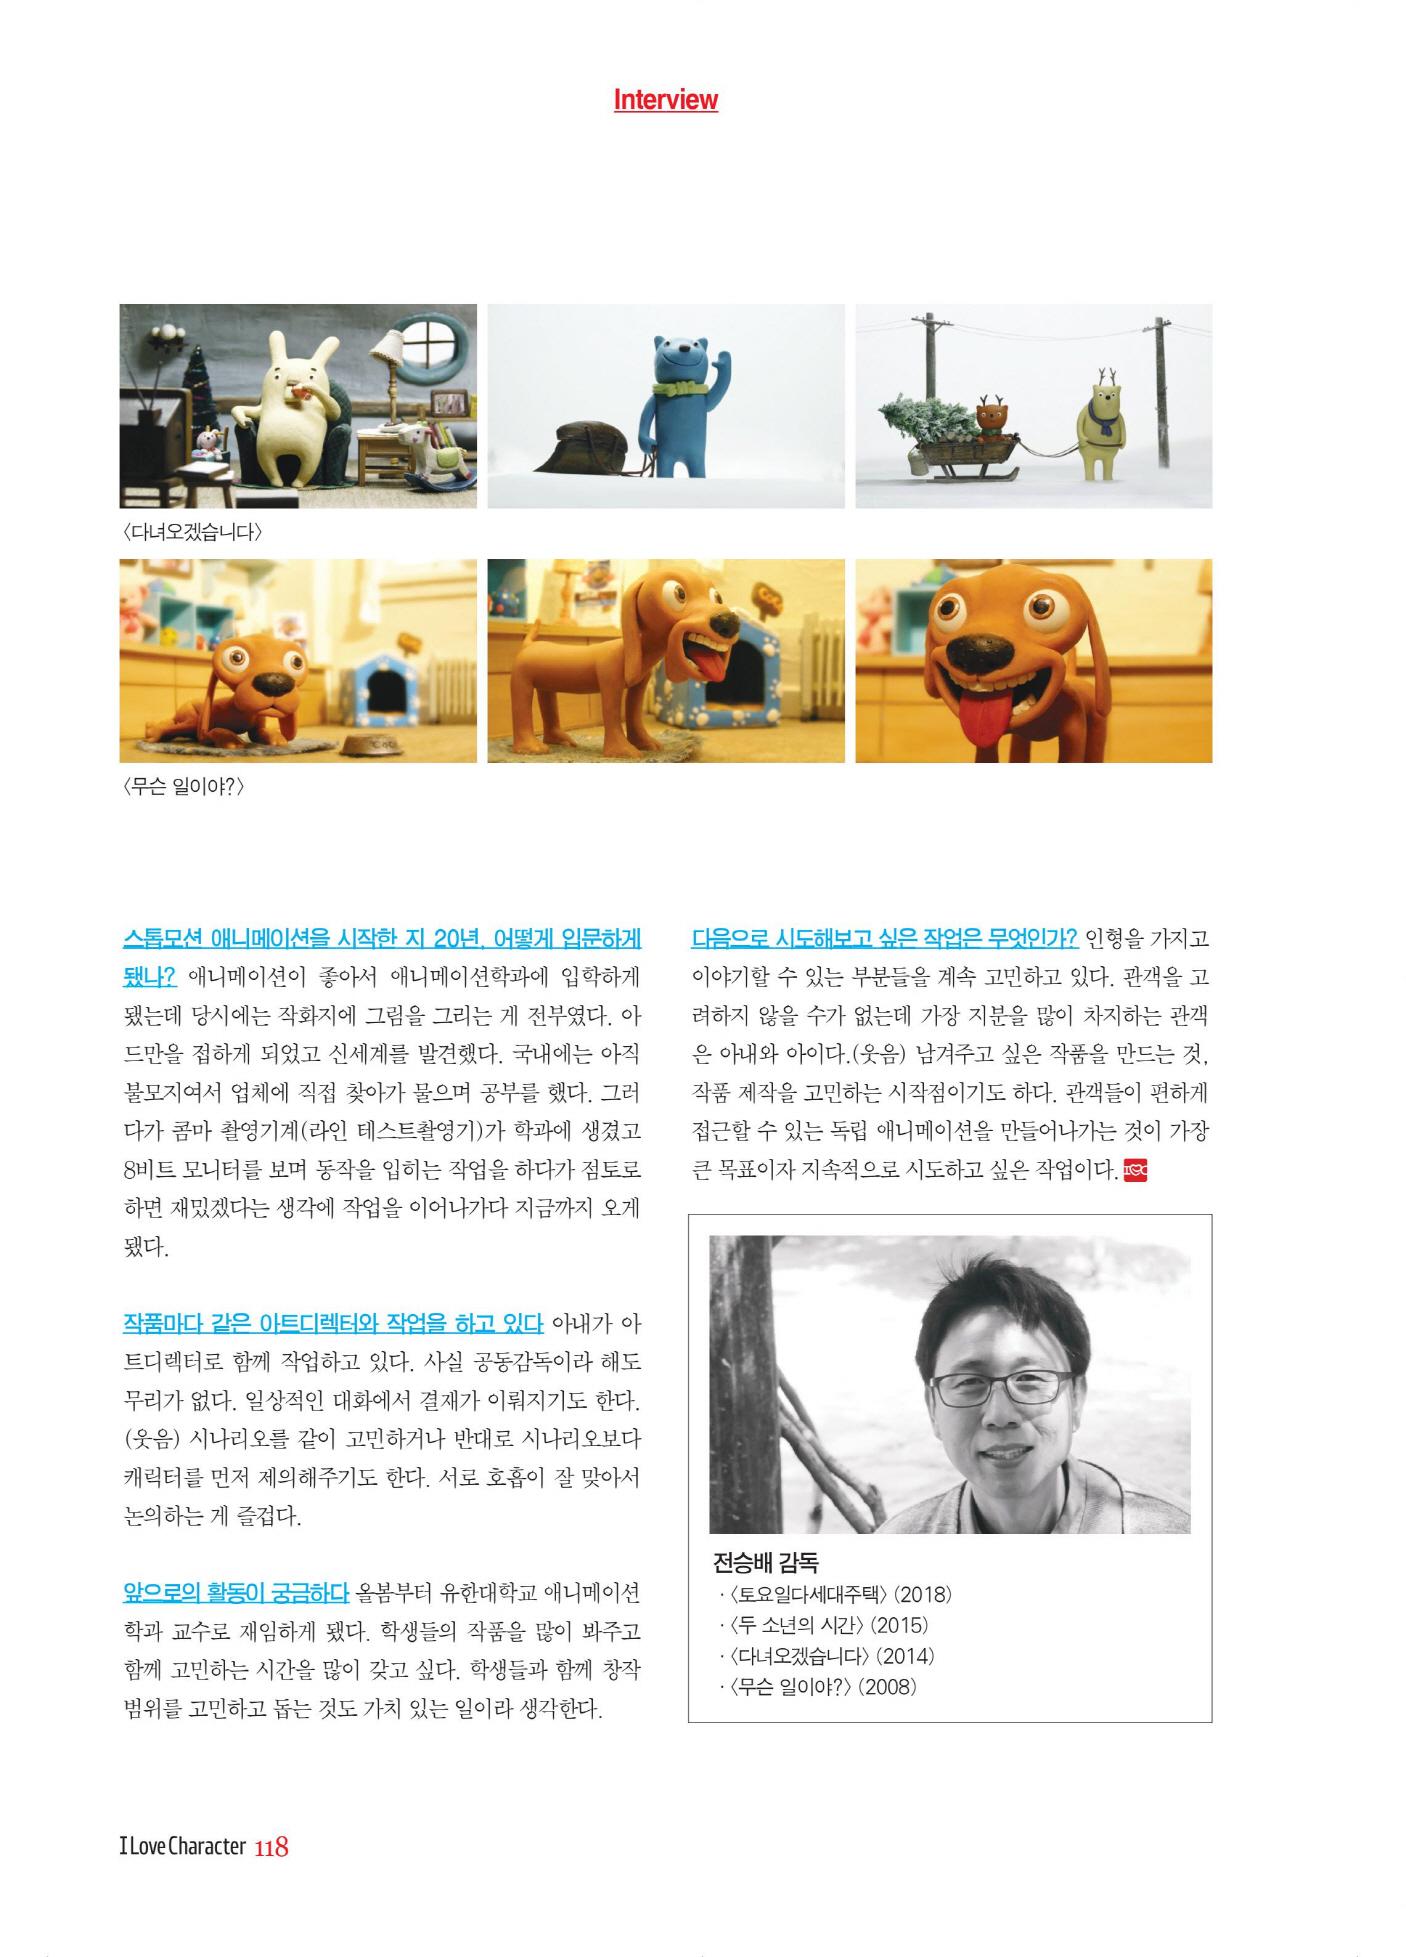 ILC_JEON_Seungbae03.jpg